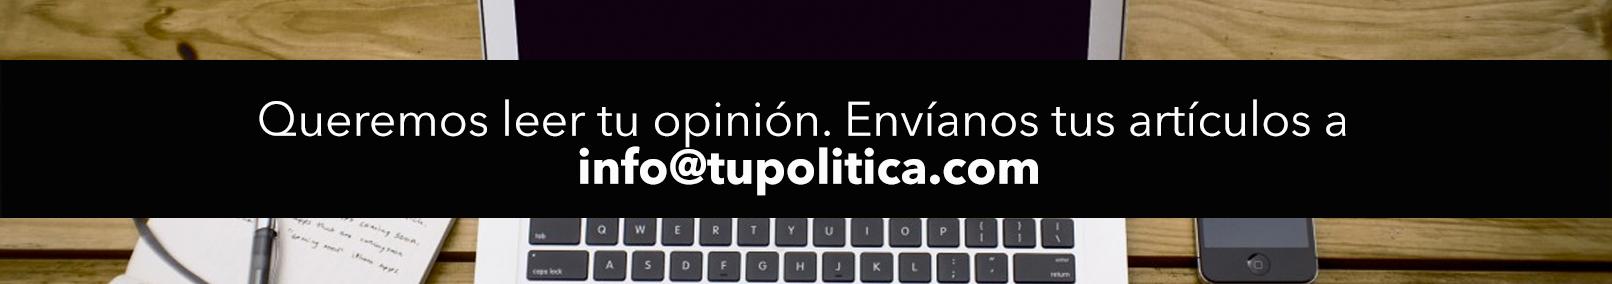 banner-opinion-tupolitica